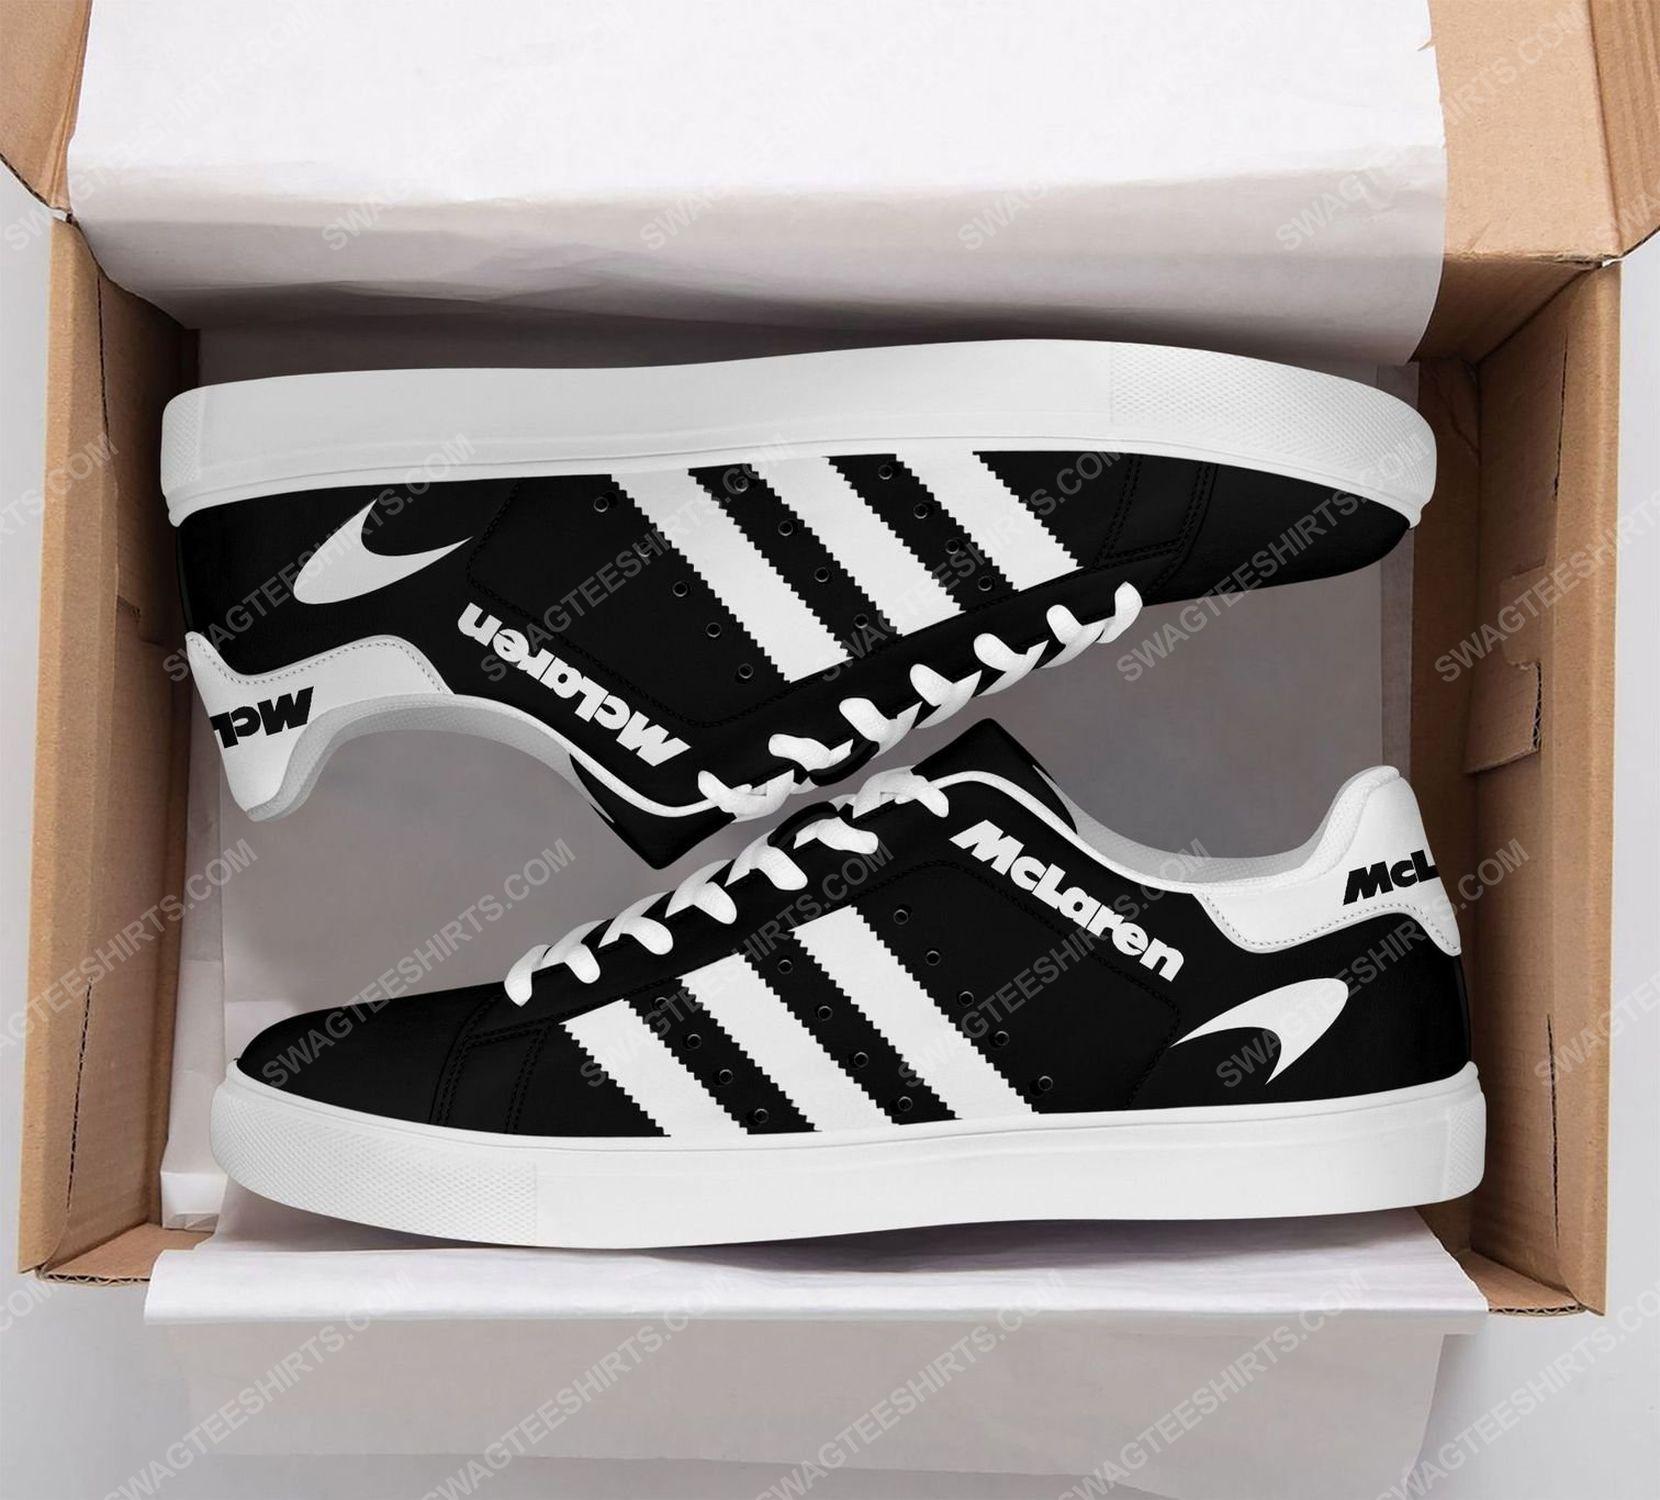 Mclaren automotive racing version black stan smith shoes 2